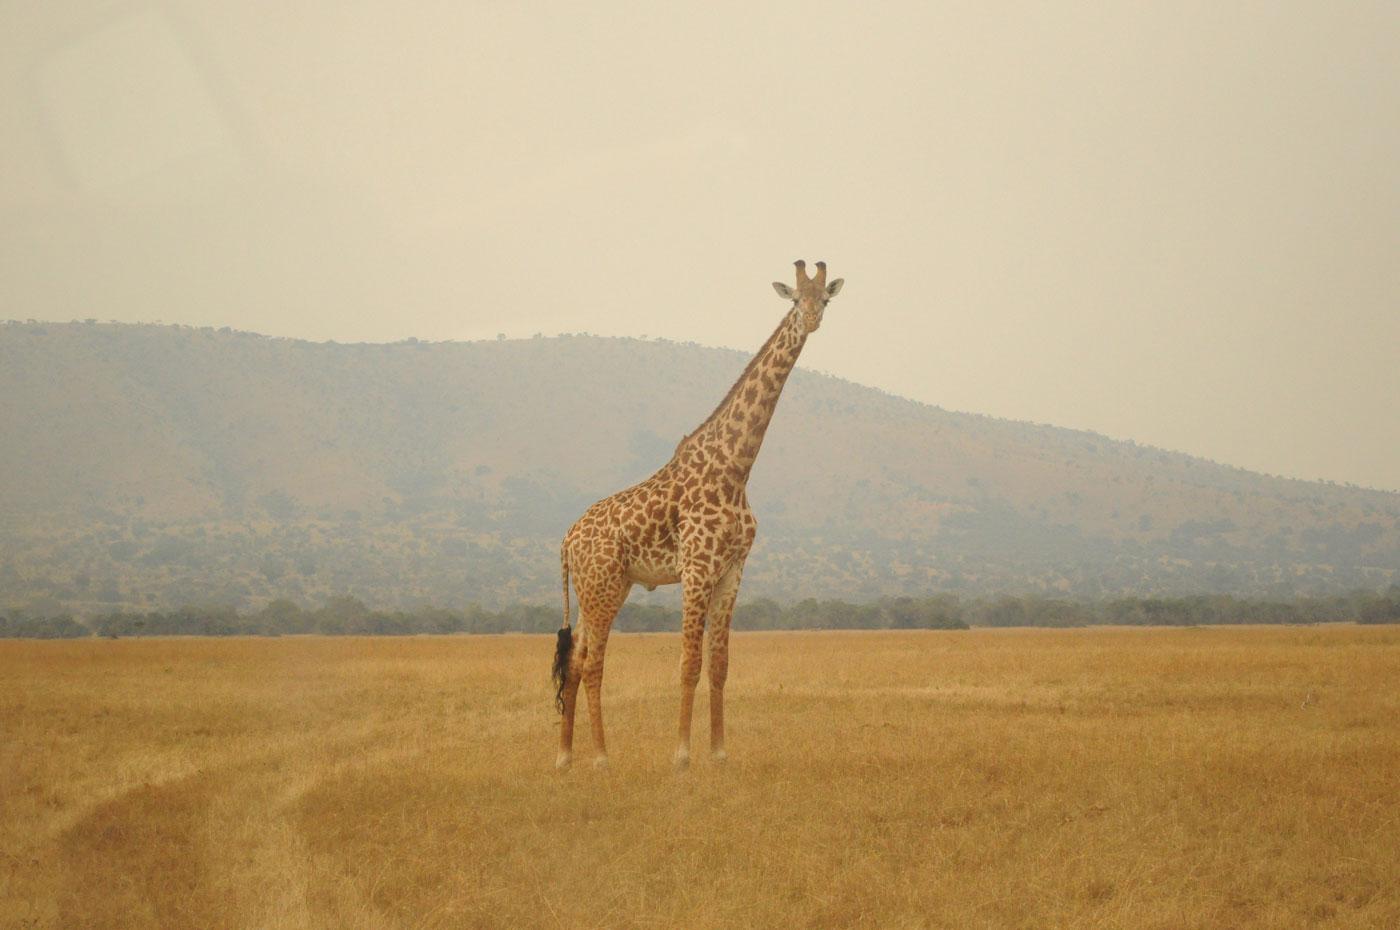 kigali-akagera-ruanda-unterwegs-reiseblog-02